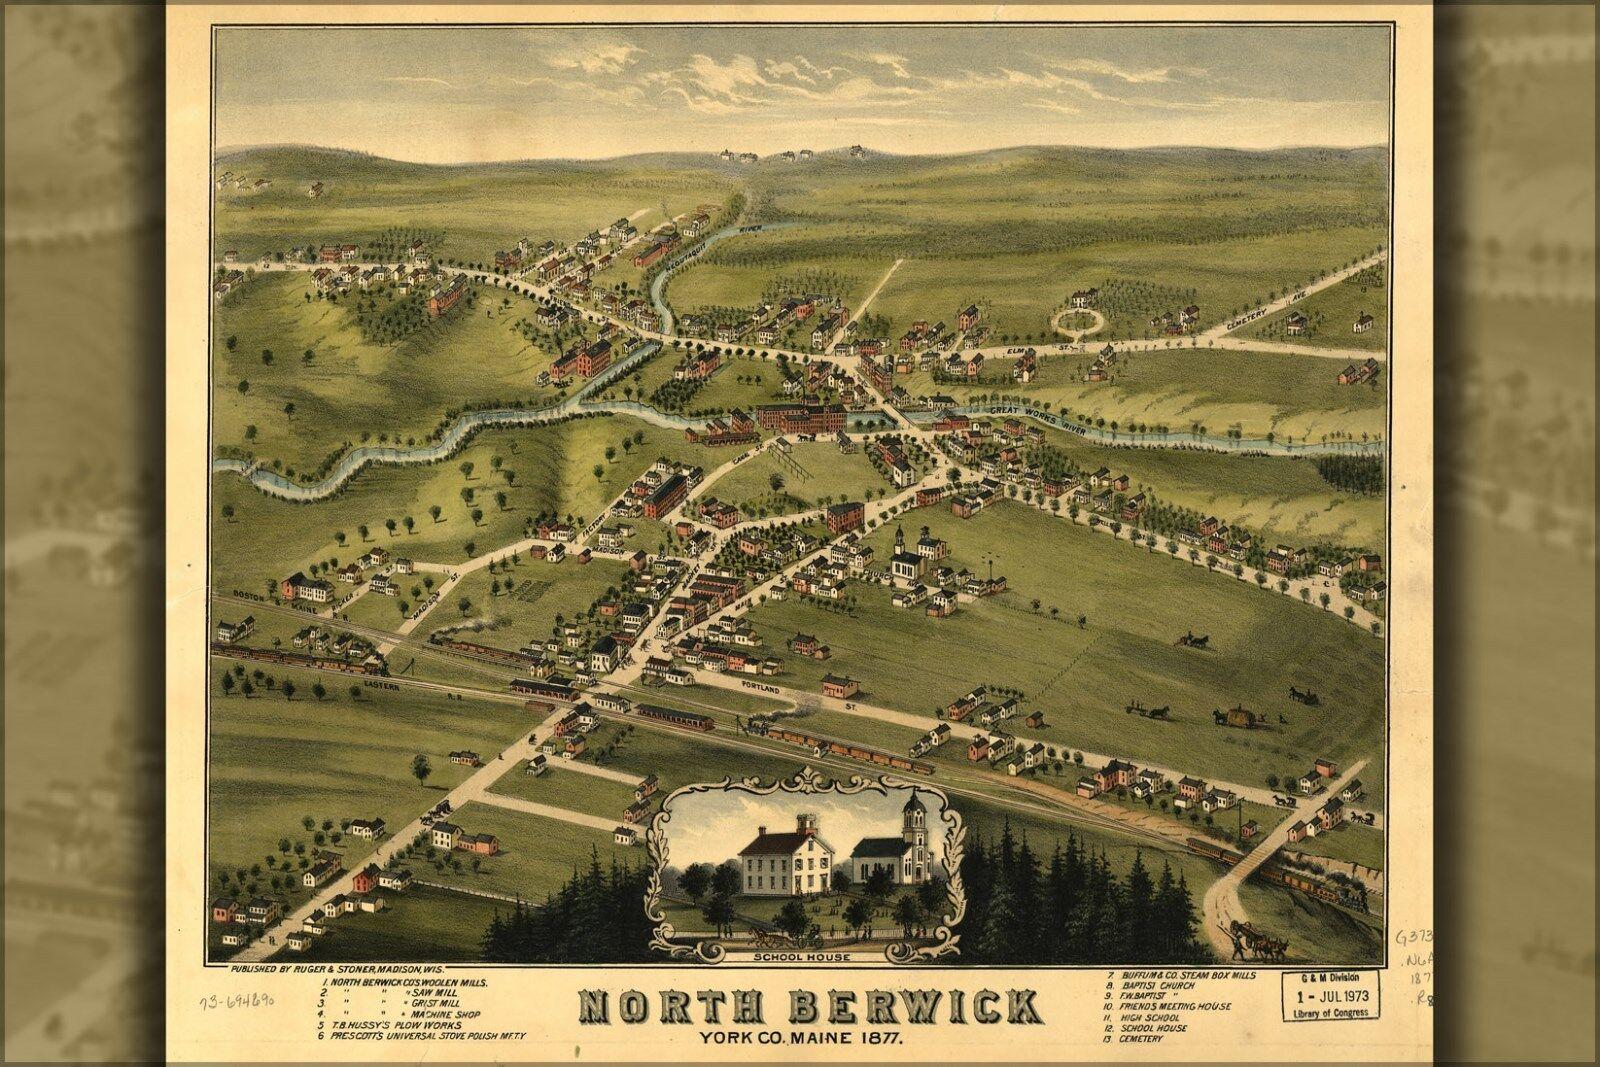 Plakat, Viele Größen; Karte von North Berwick, York Co Maine 1877